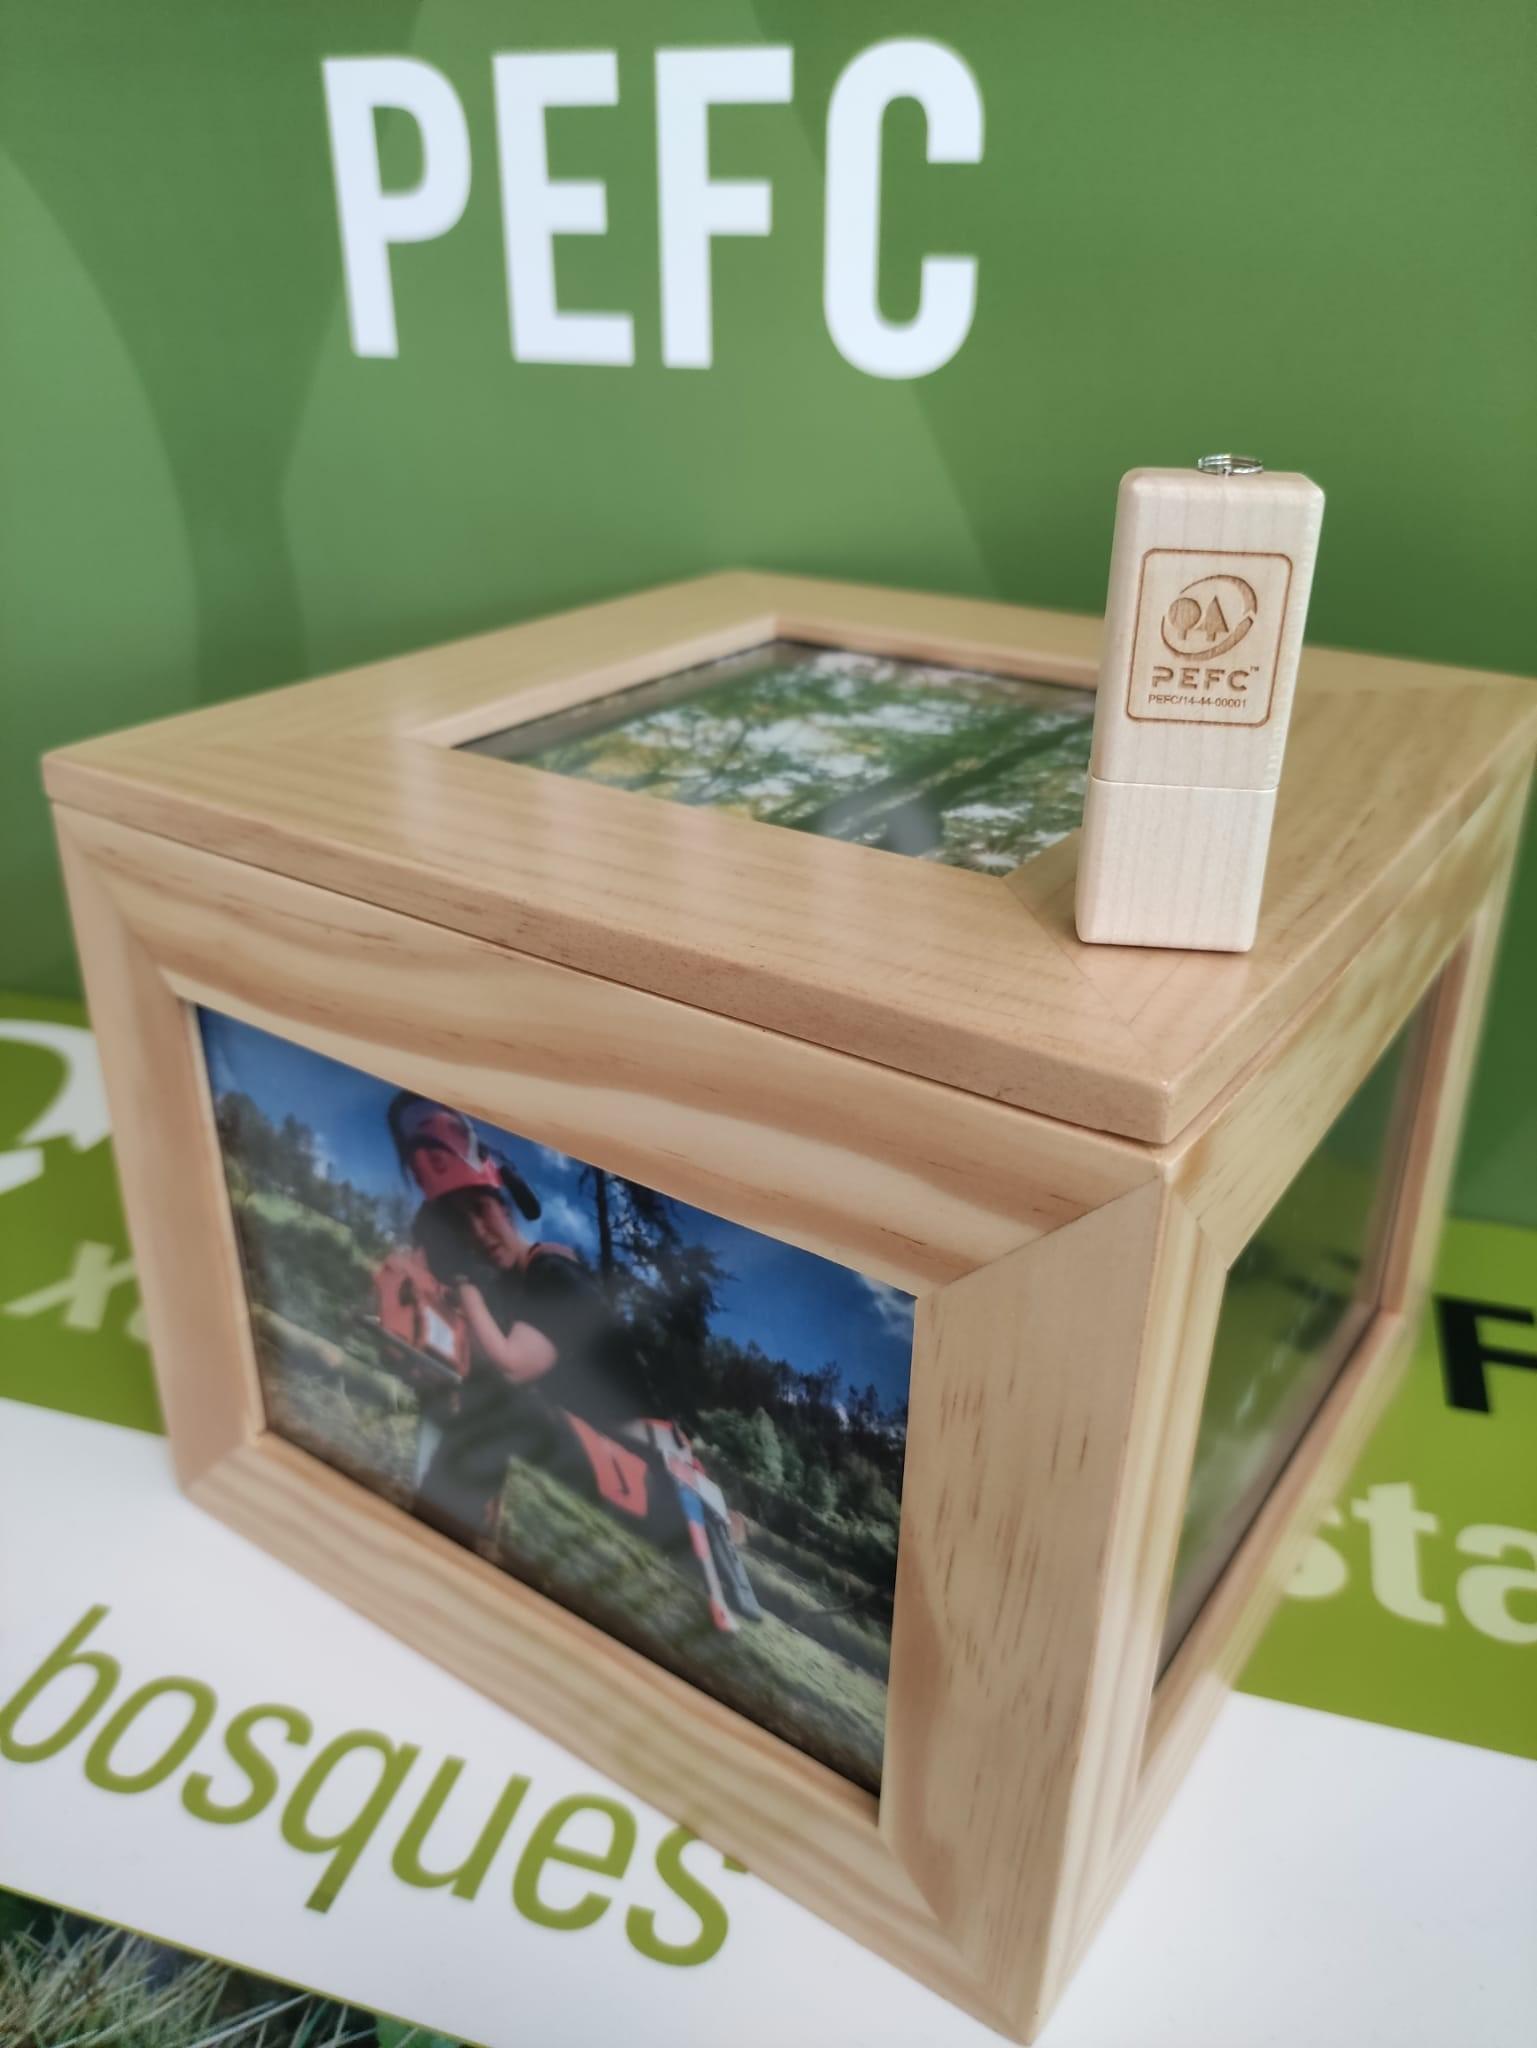 PEFC Terceiro_ premio_marco_usb